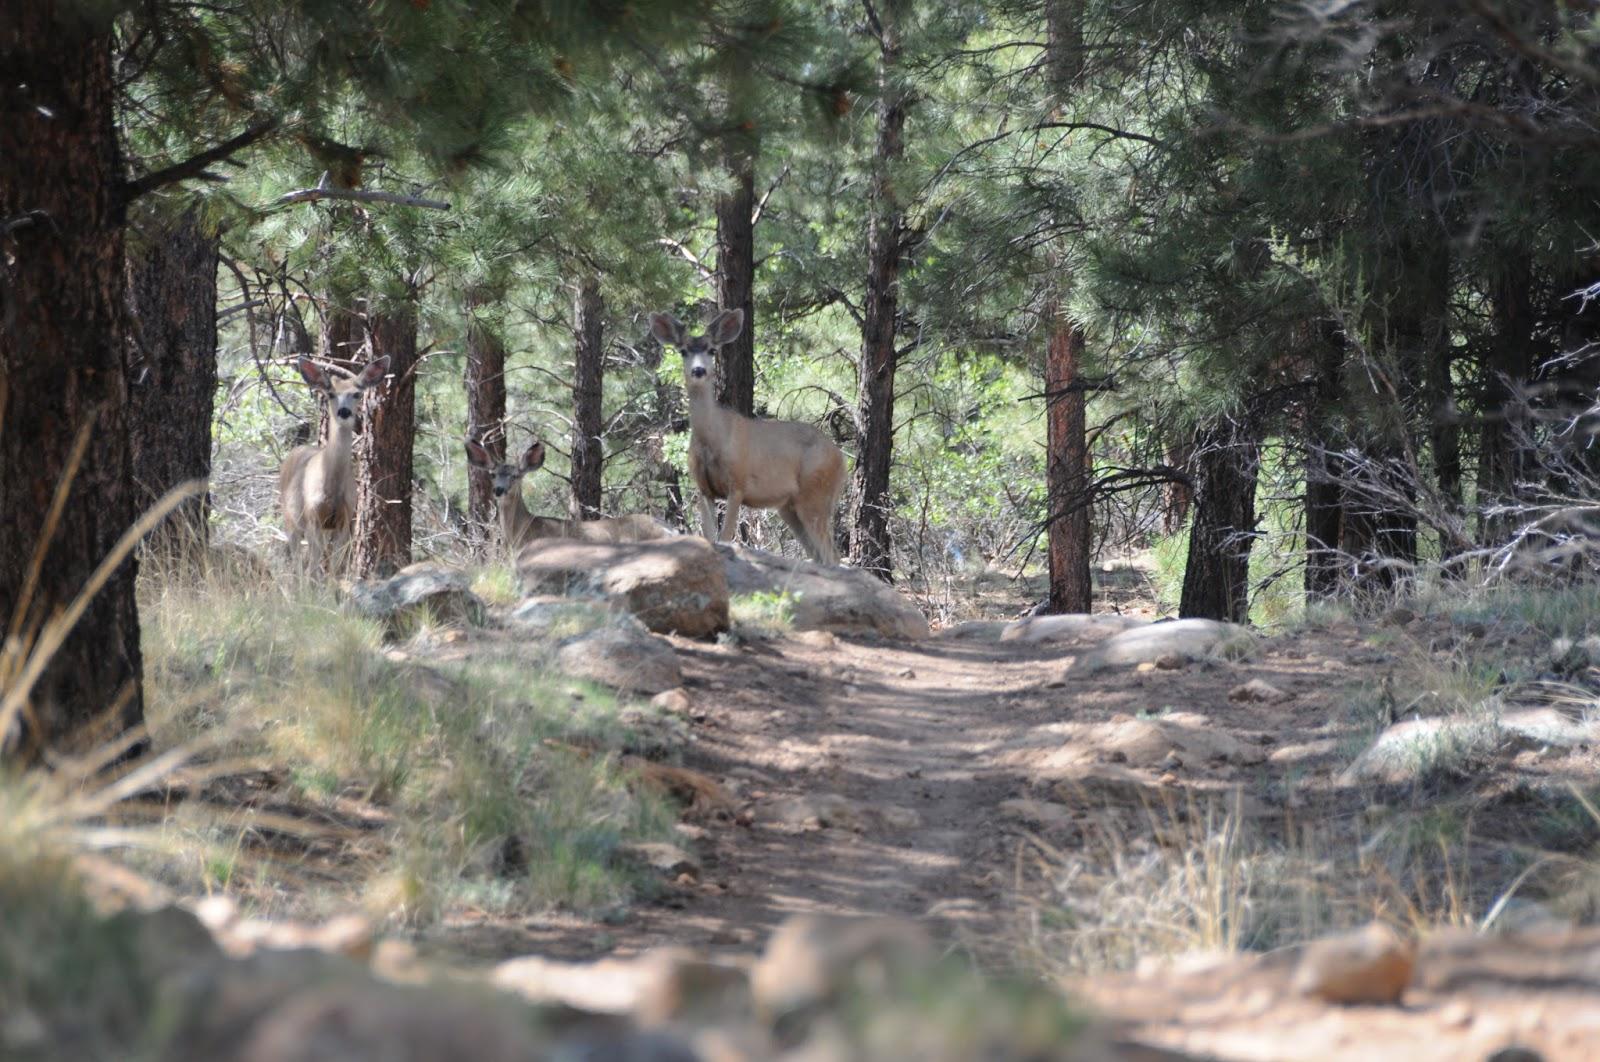 Arizona Hiking: A hike through deer territory